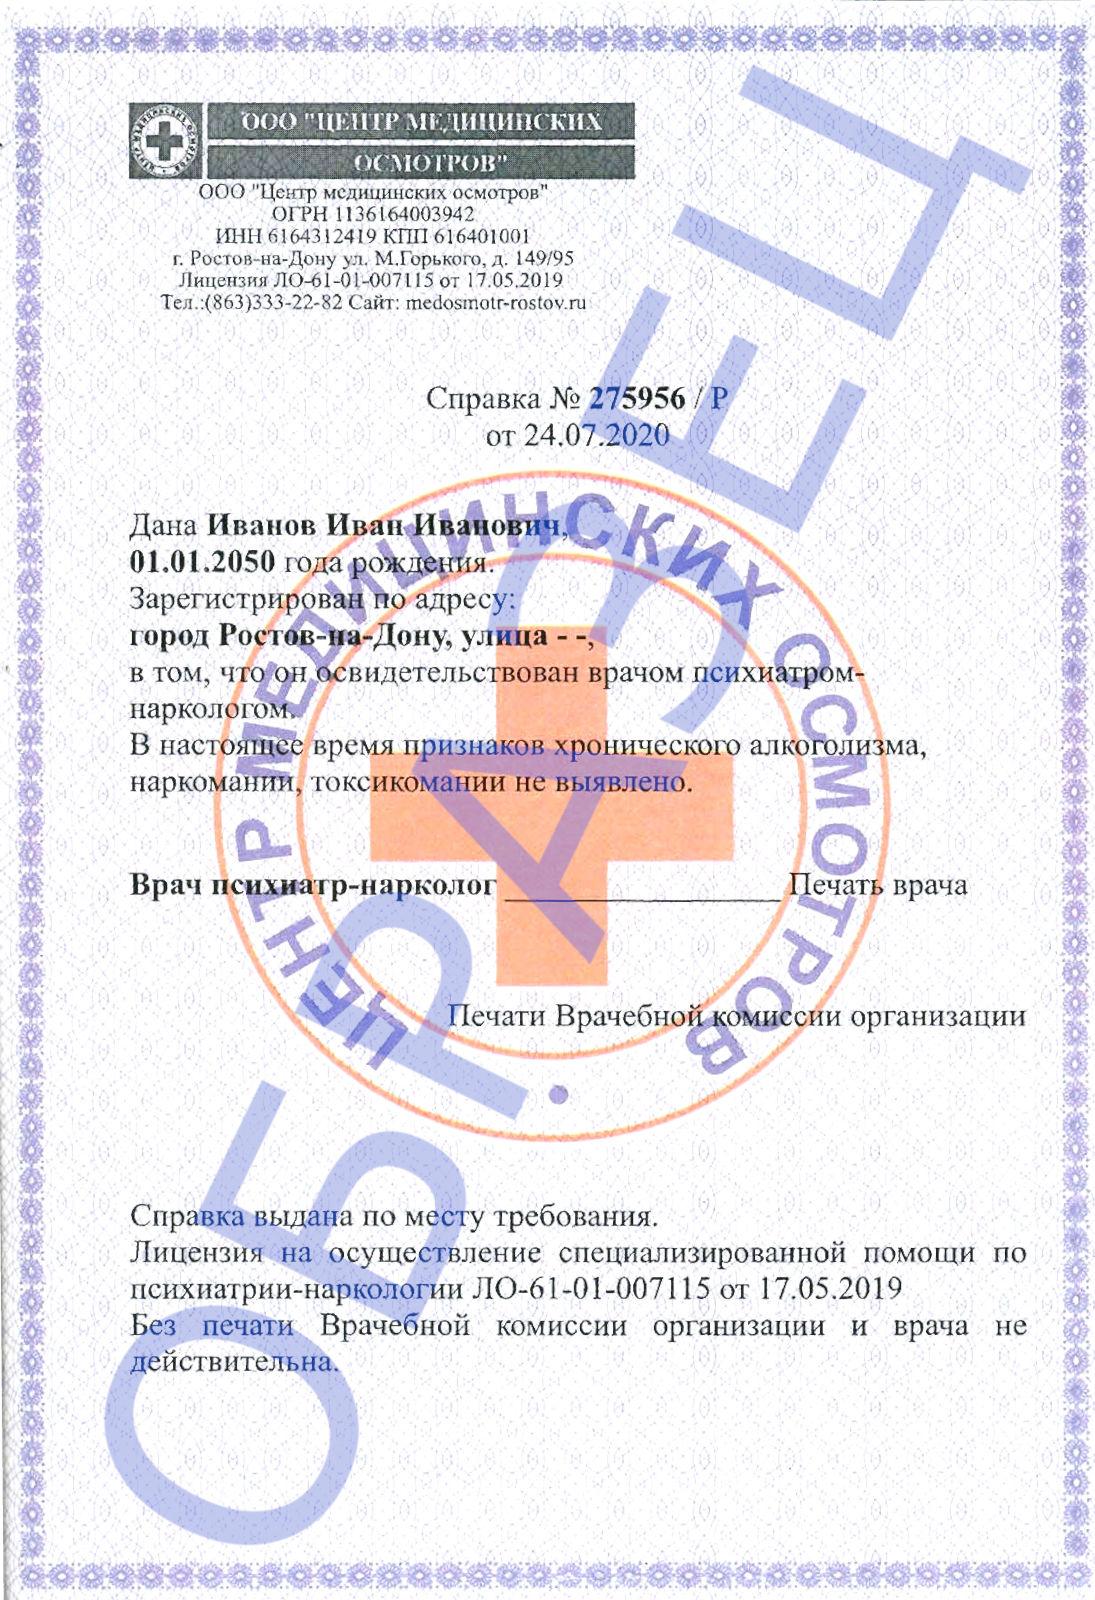 Печать наркологии наркологическая клиника челябинск ленинский